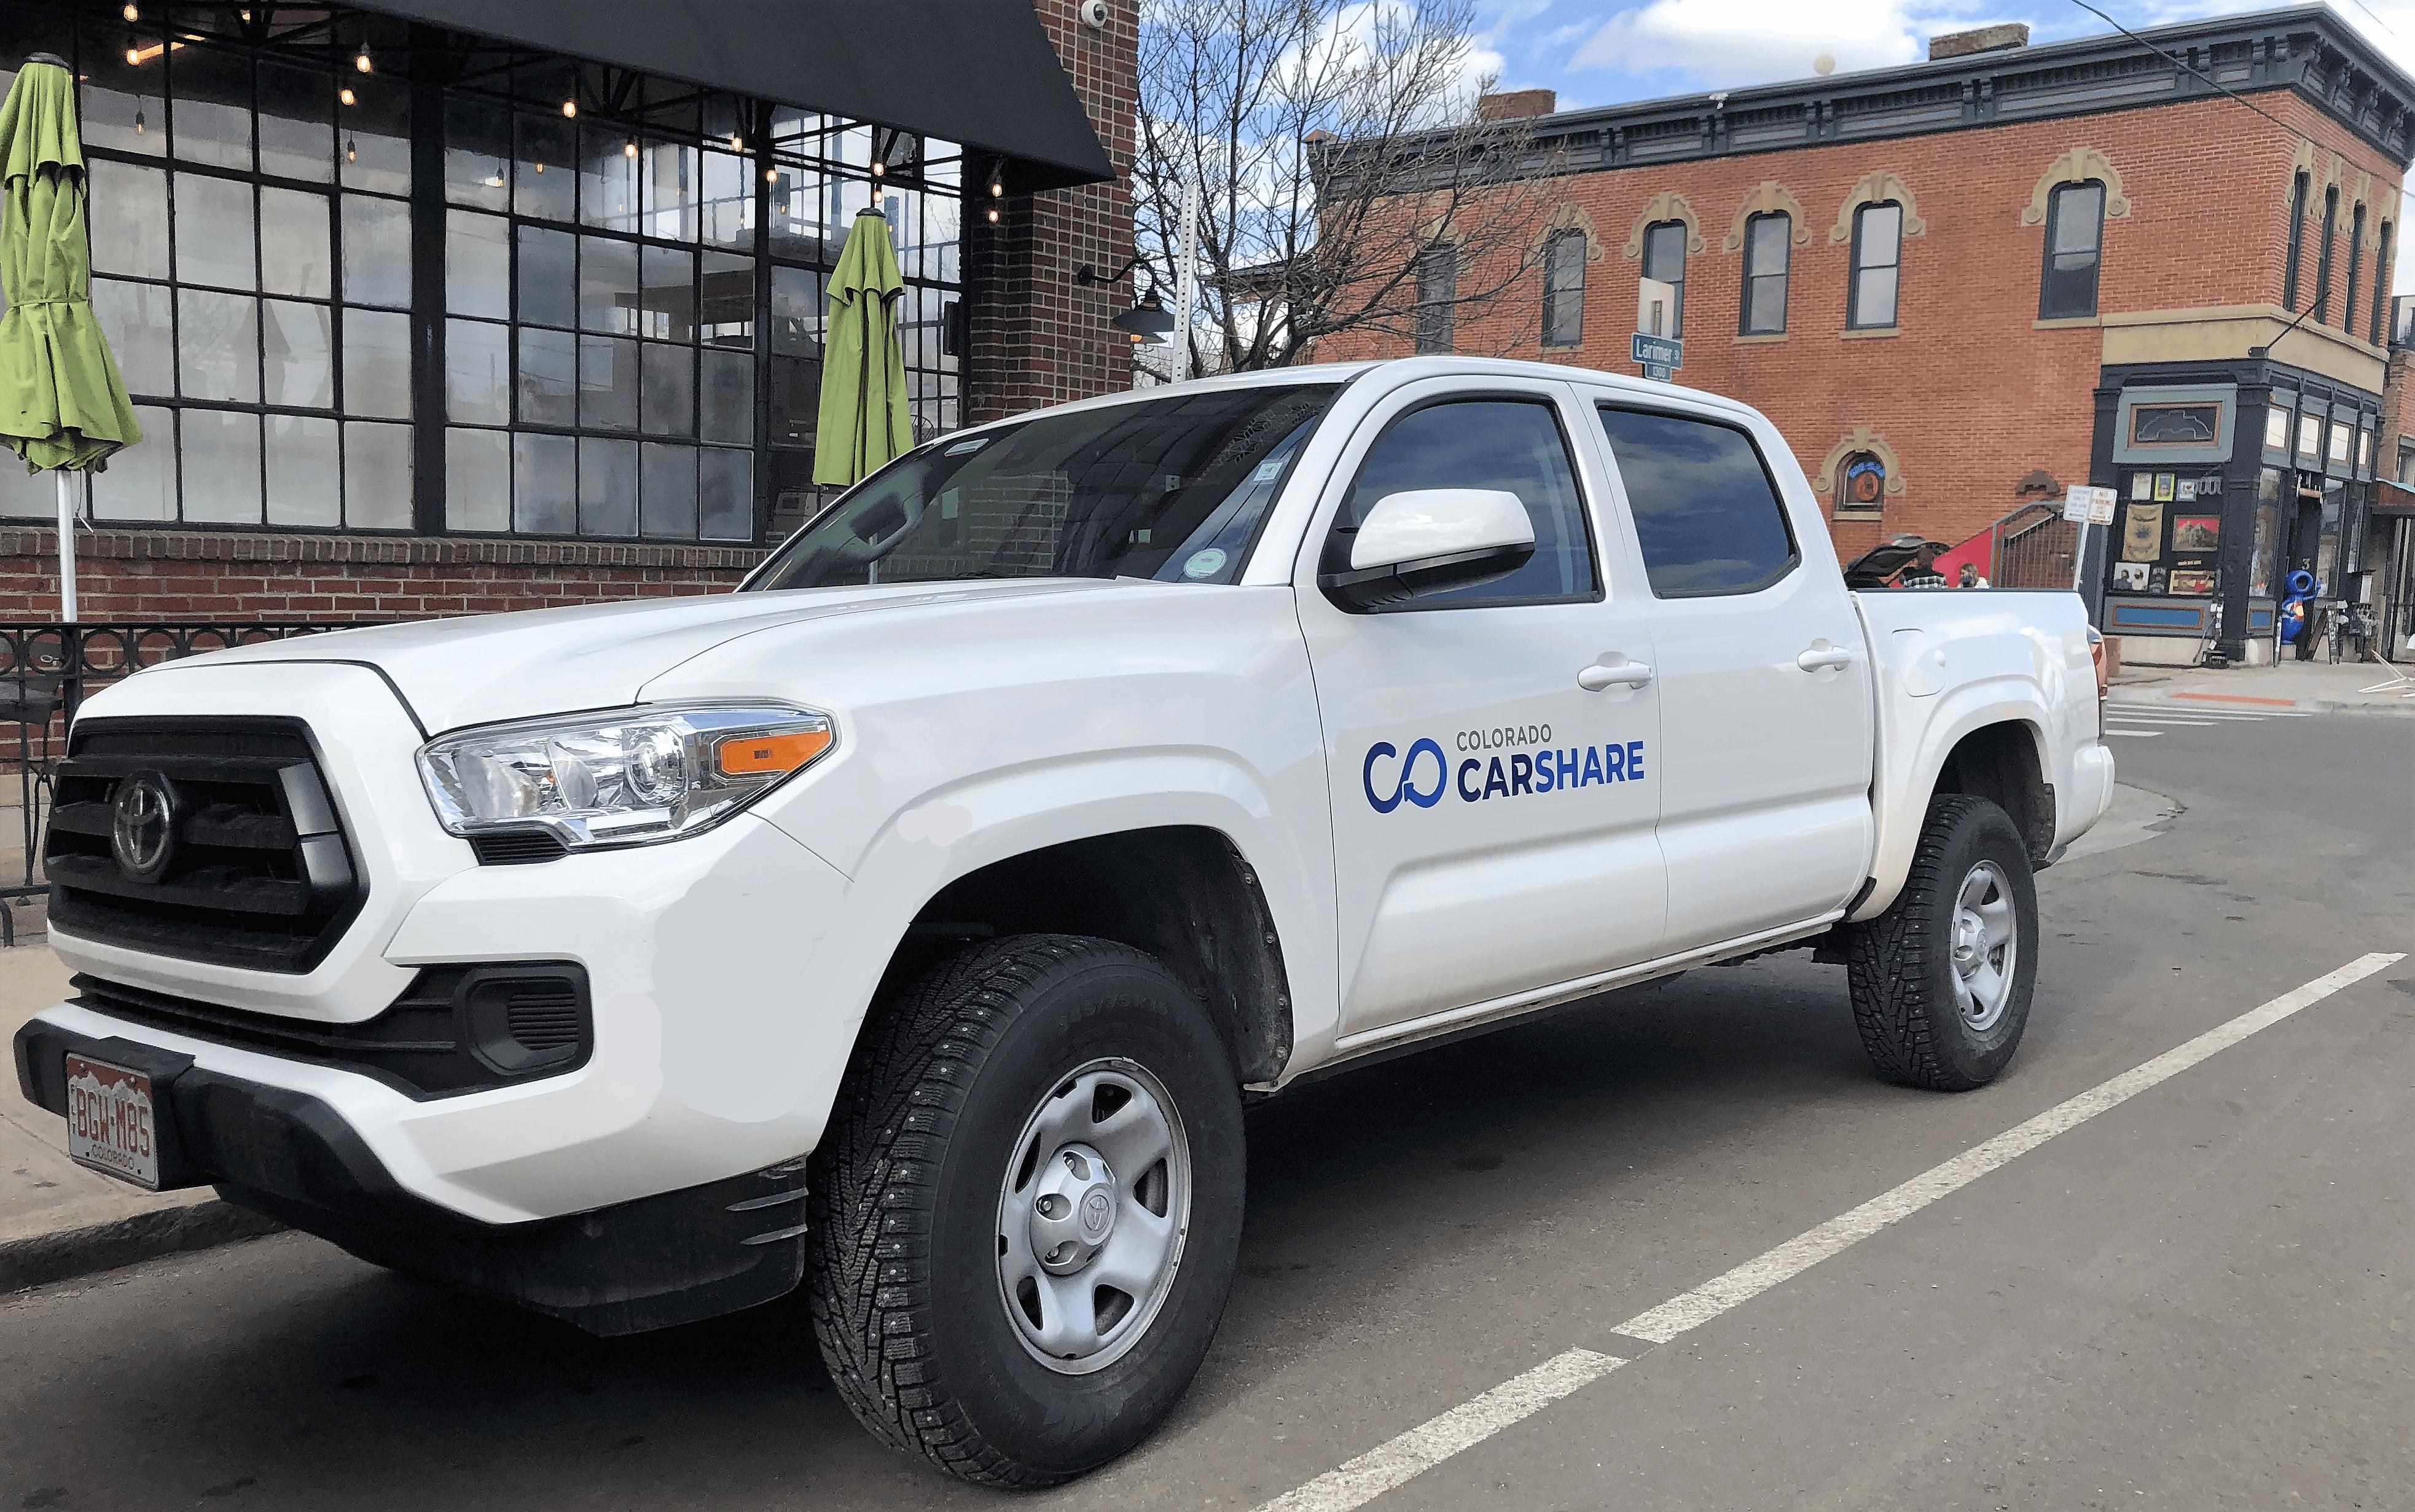 Colorado CarShare's 2020 Toyota Tacoma Pickup Truck